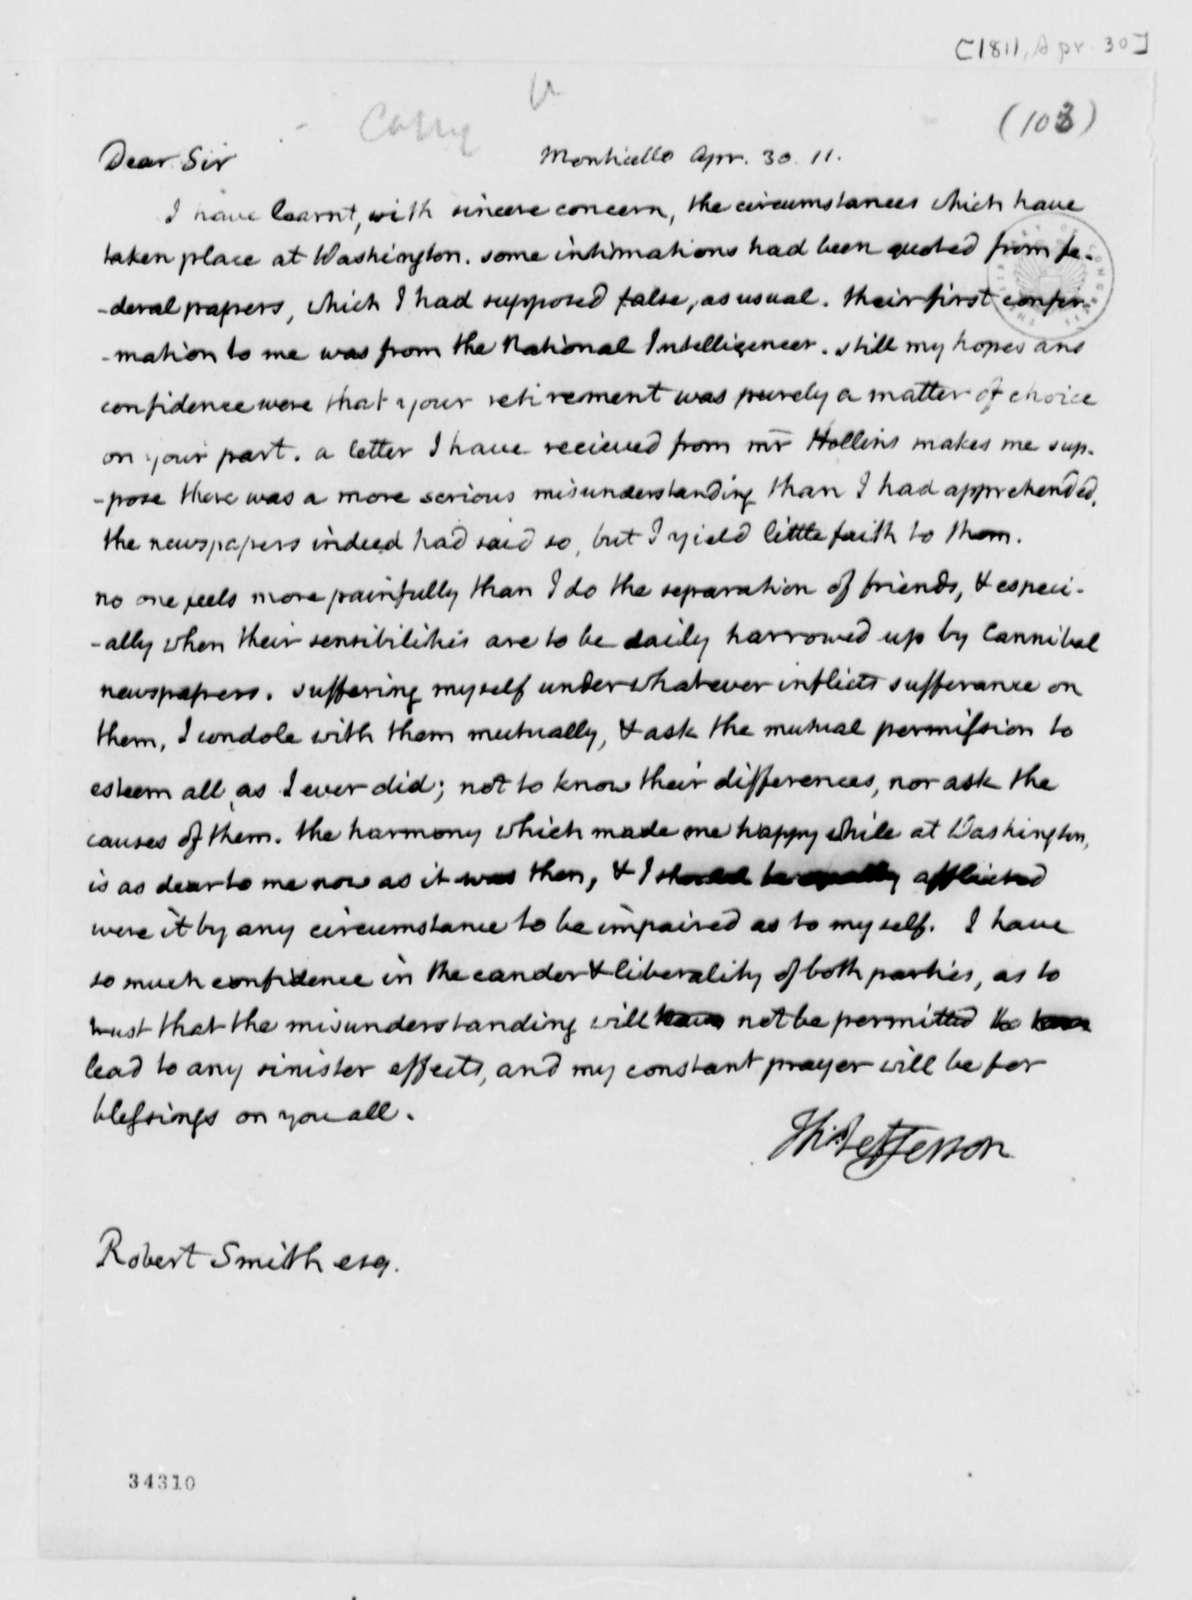 Thomas Jefferson to Robert Smith, April 30, 1811